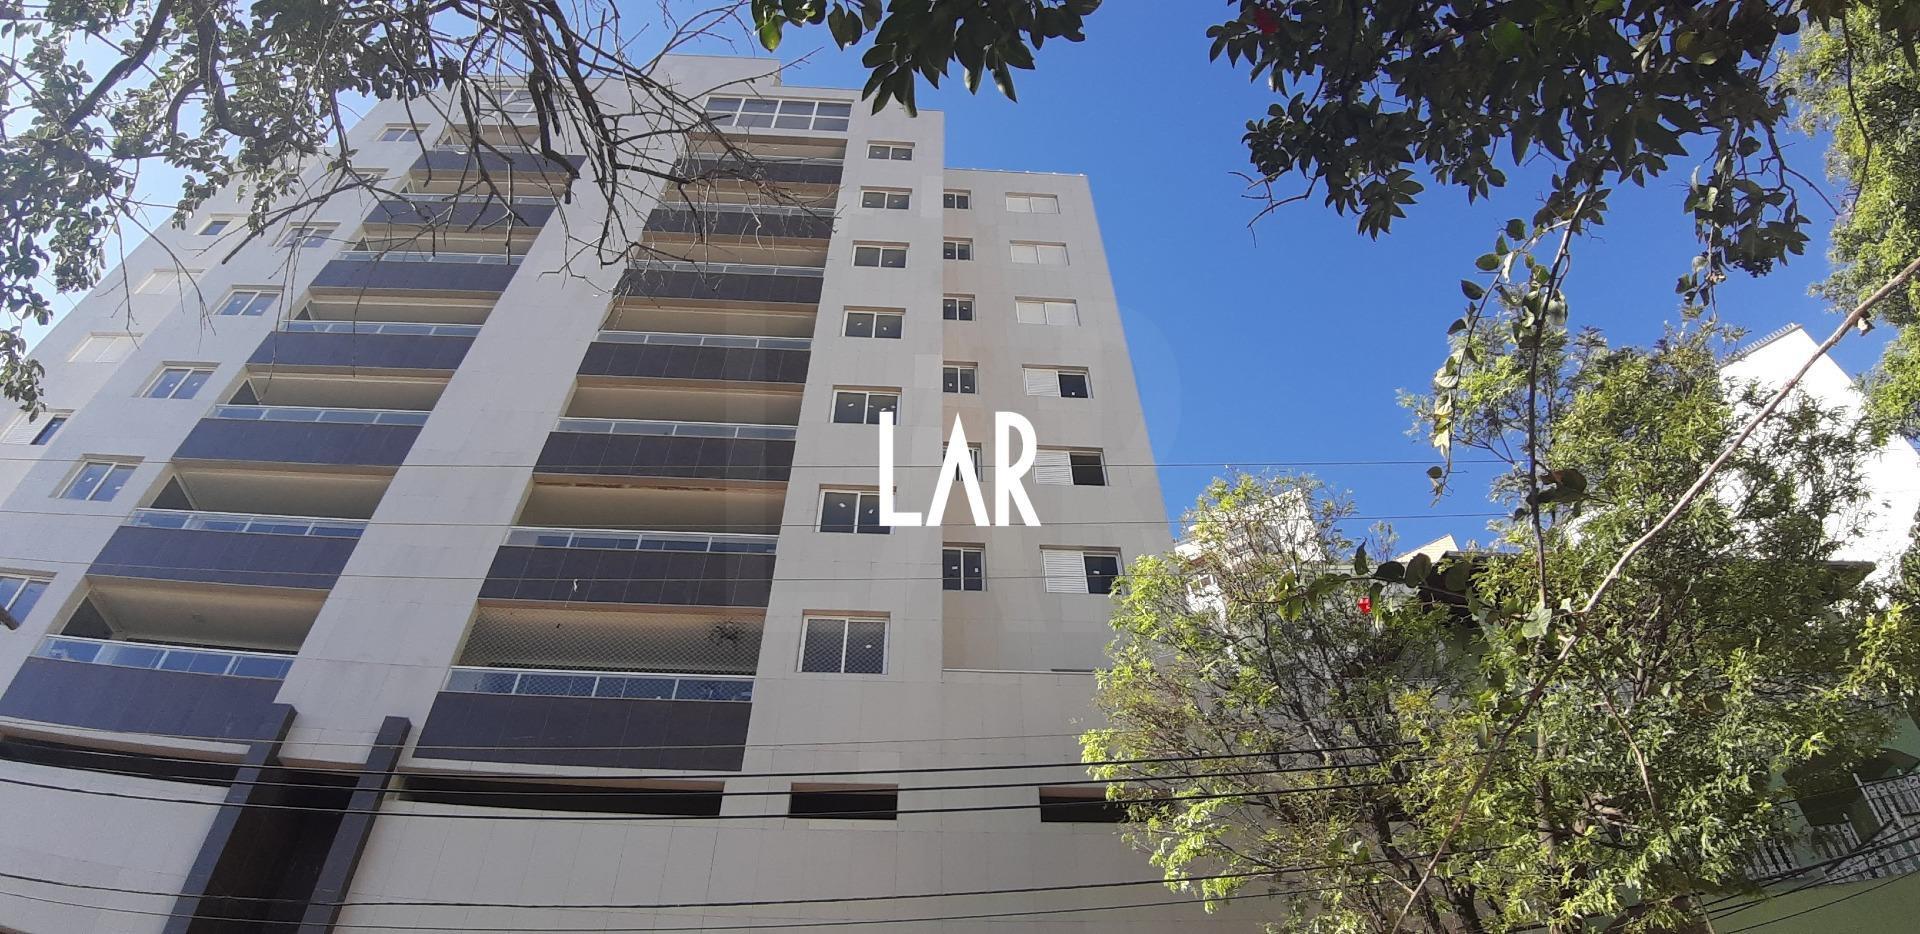 Foto do Davi Rolim em Belo Horizonte - Imagem